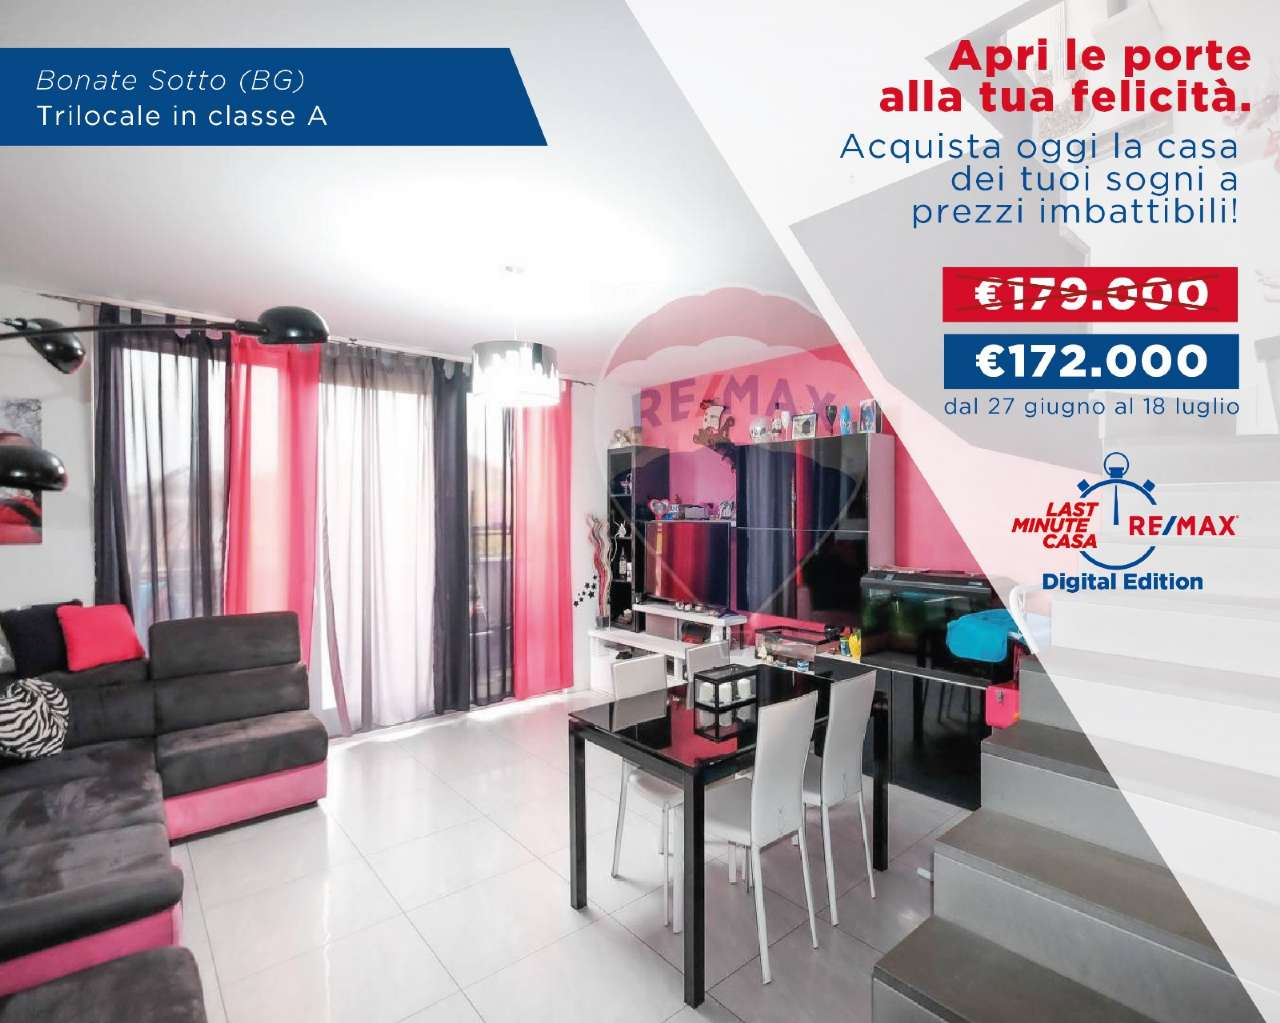 Appartamento in vendita a Bonate Sotto, 3 locali, prezzo € 172.000   CambioCasa.it